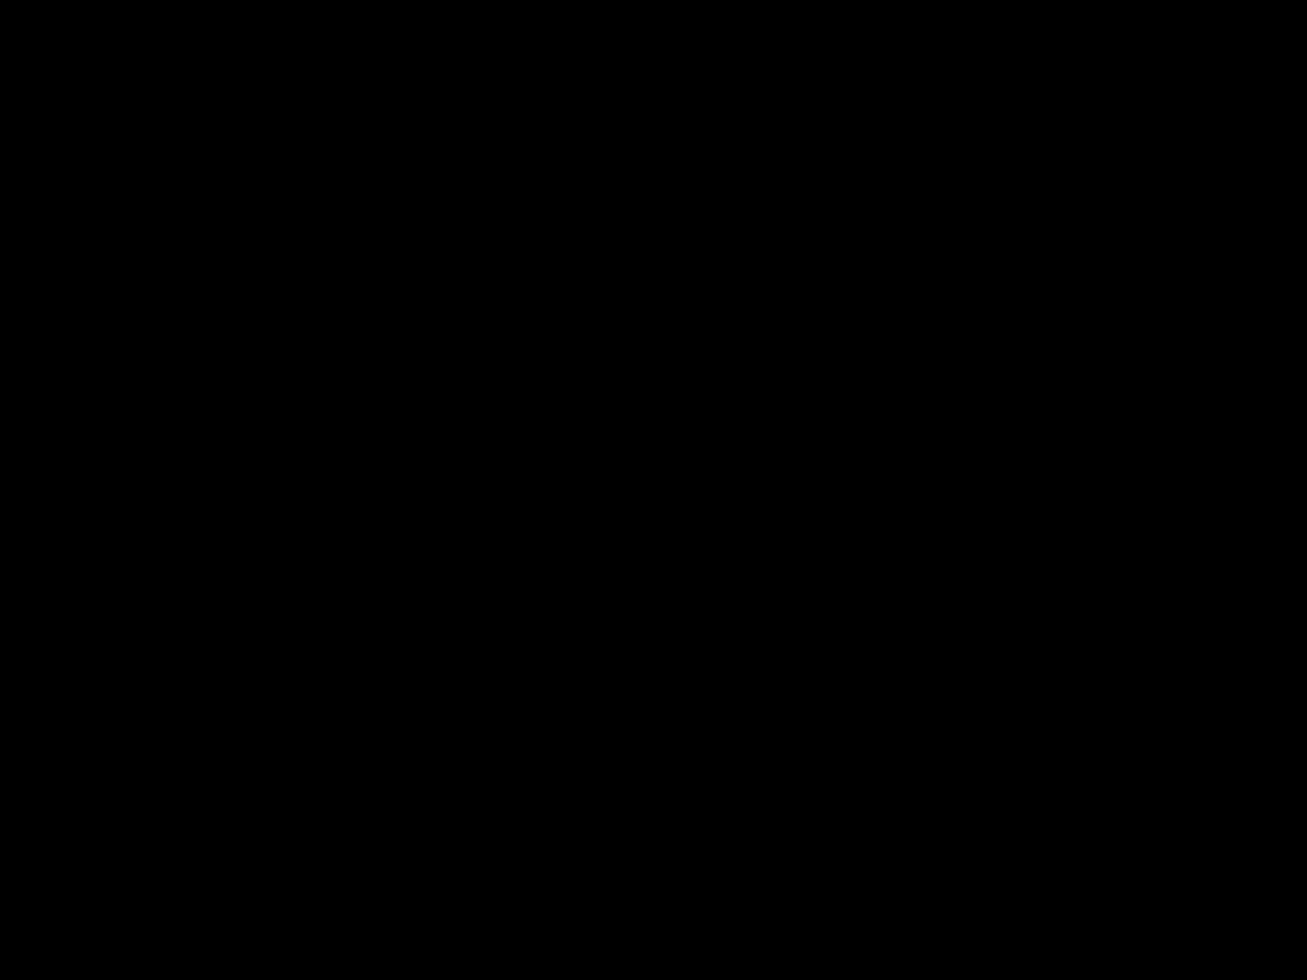 coupe de ruban png